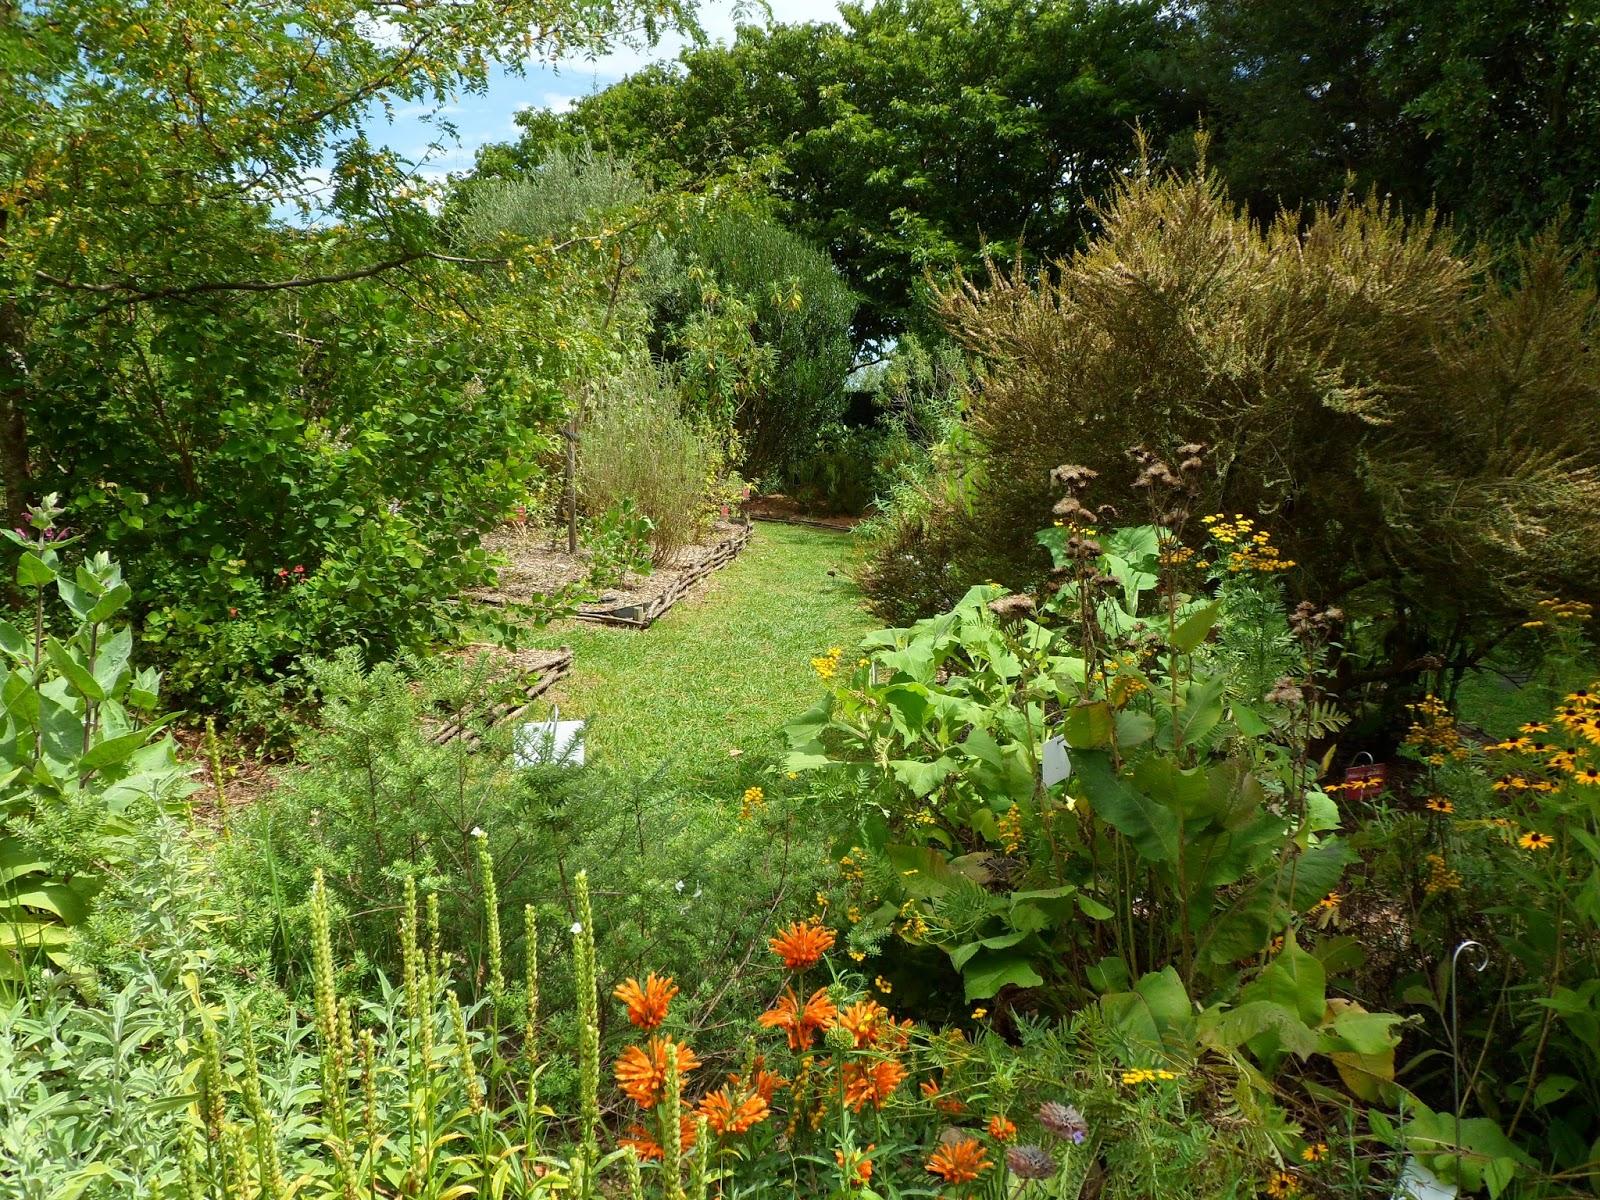 Un jard n en mi azotea cursos de paisajismo for Paisajismo jardines fotos